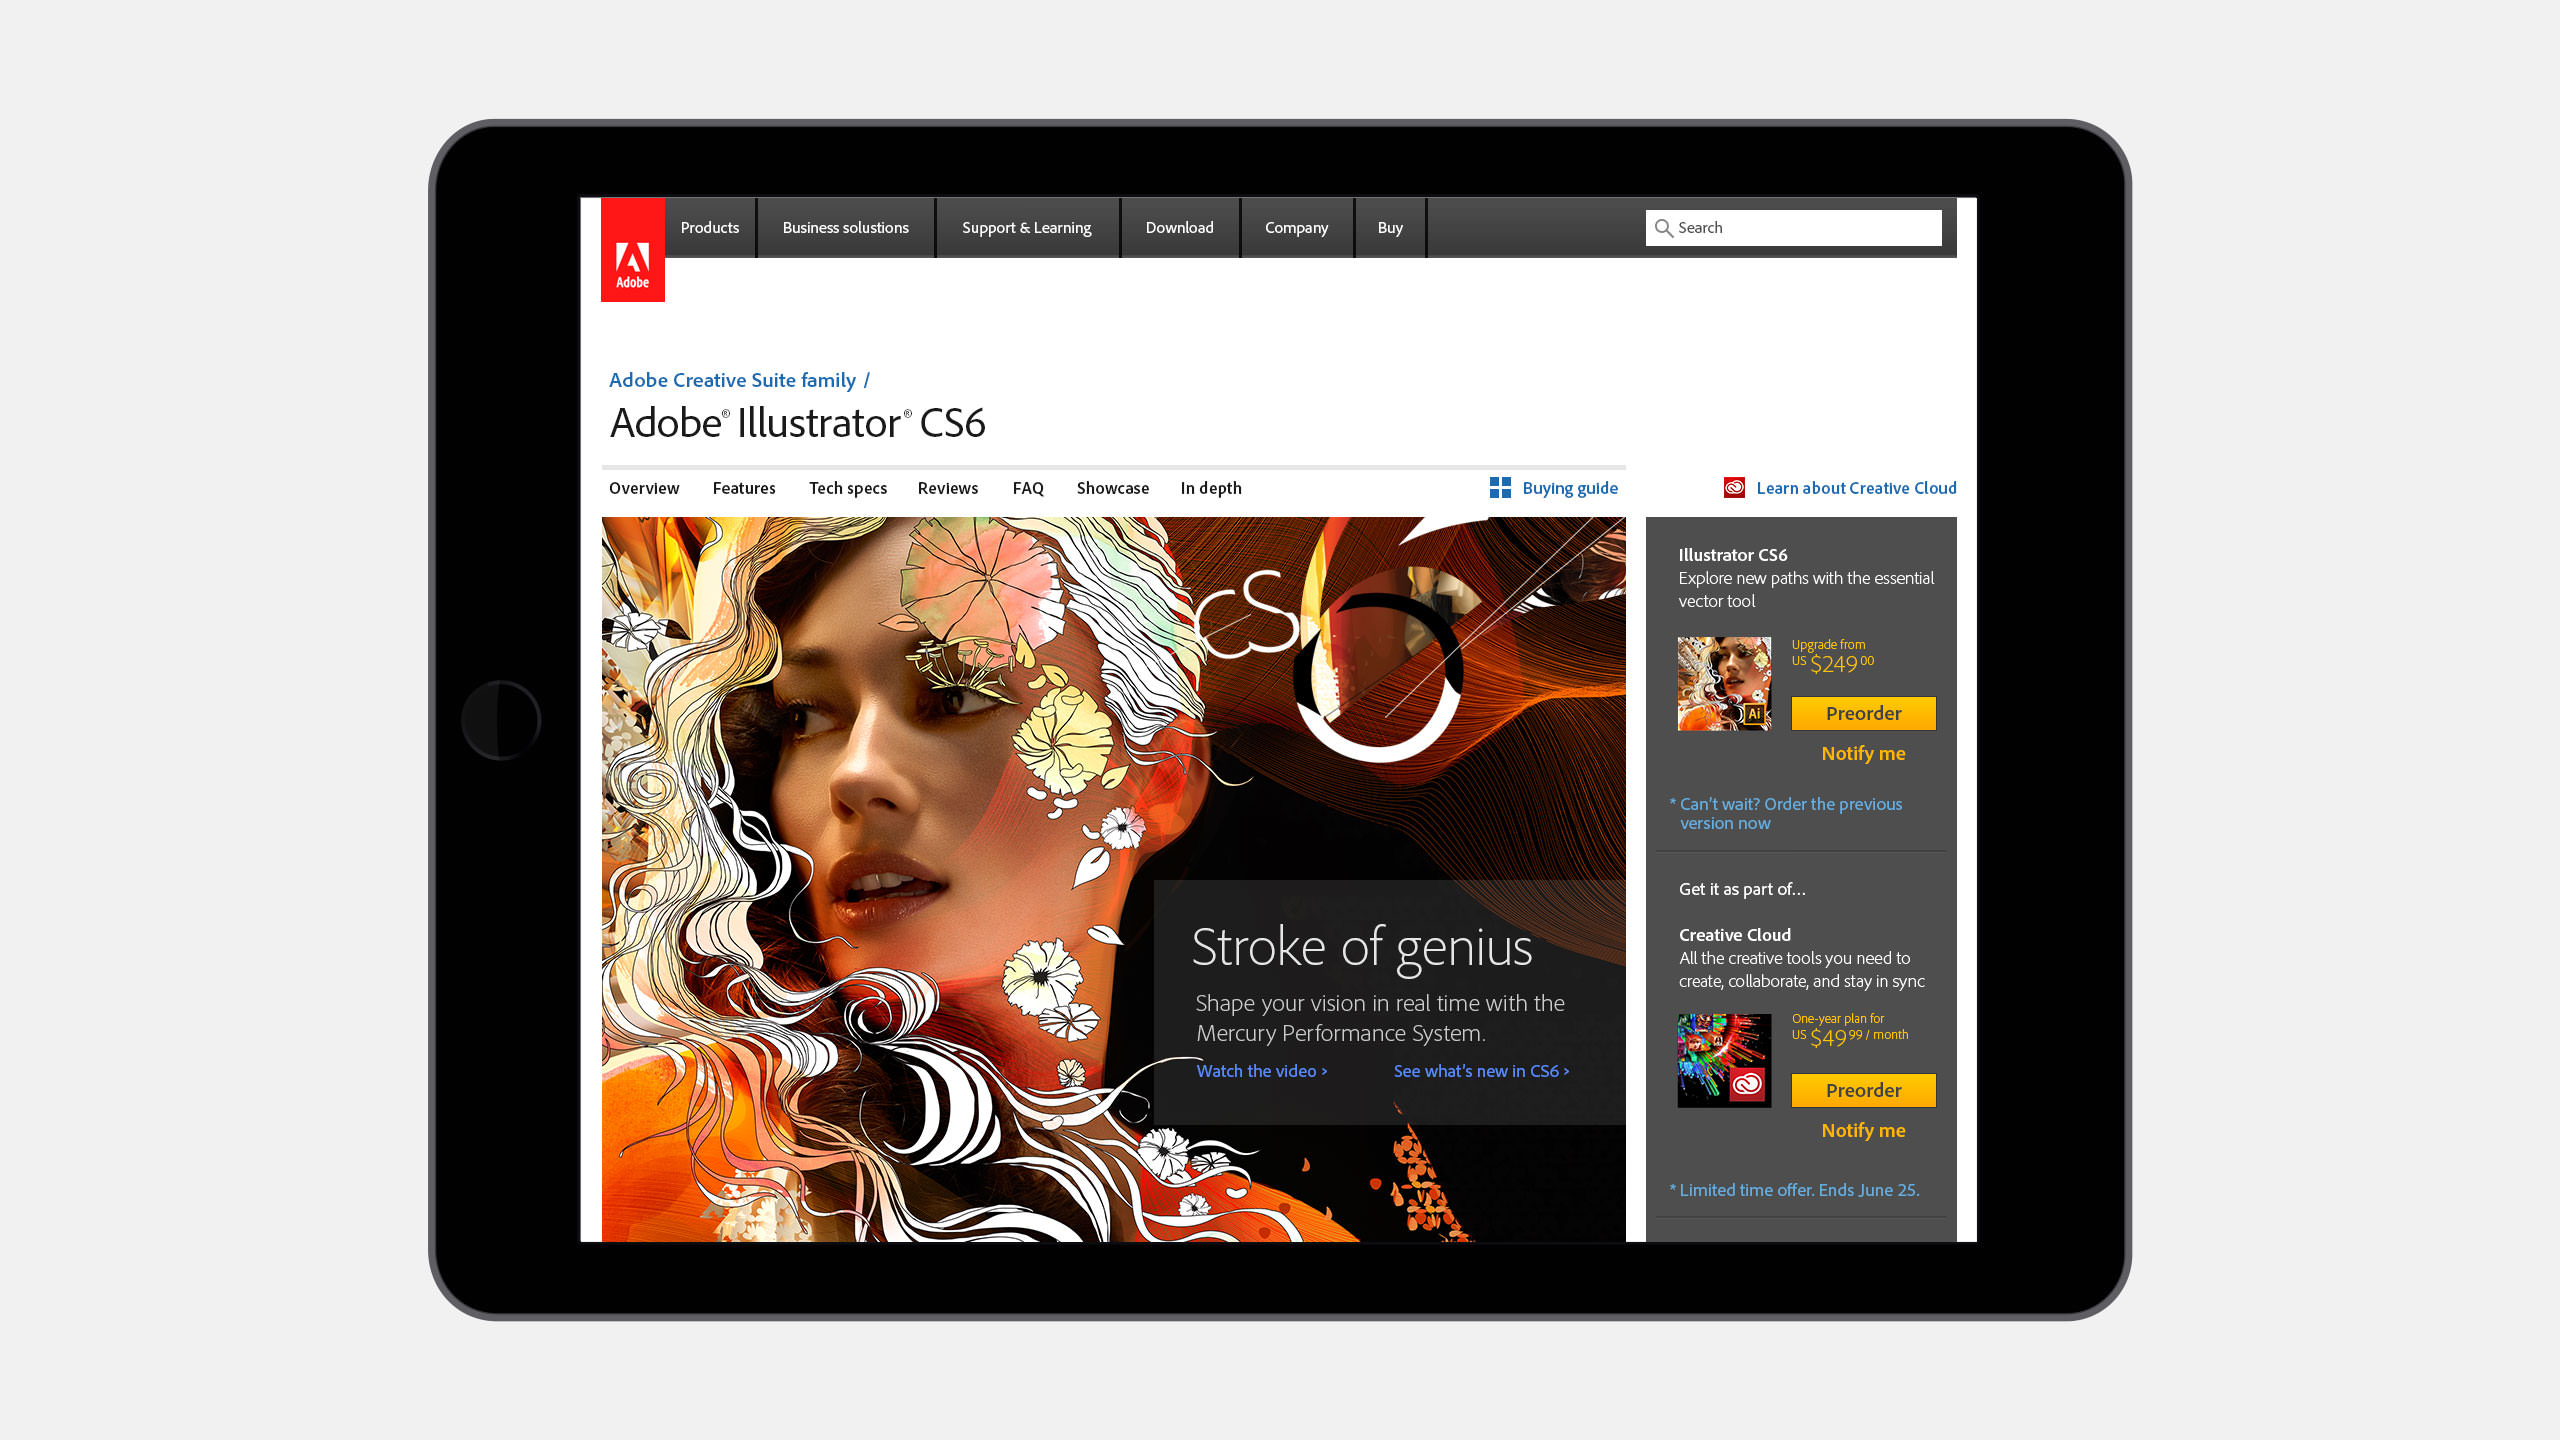 Adobe Creative Suite Campaign | Tolleson